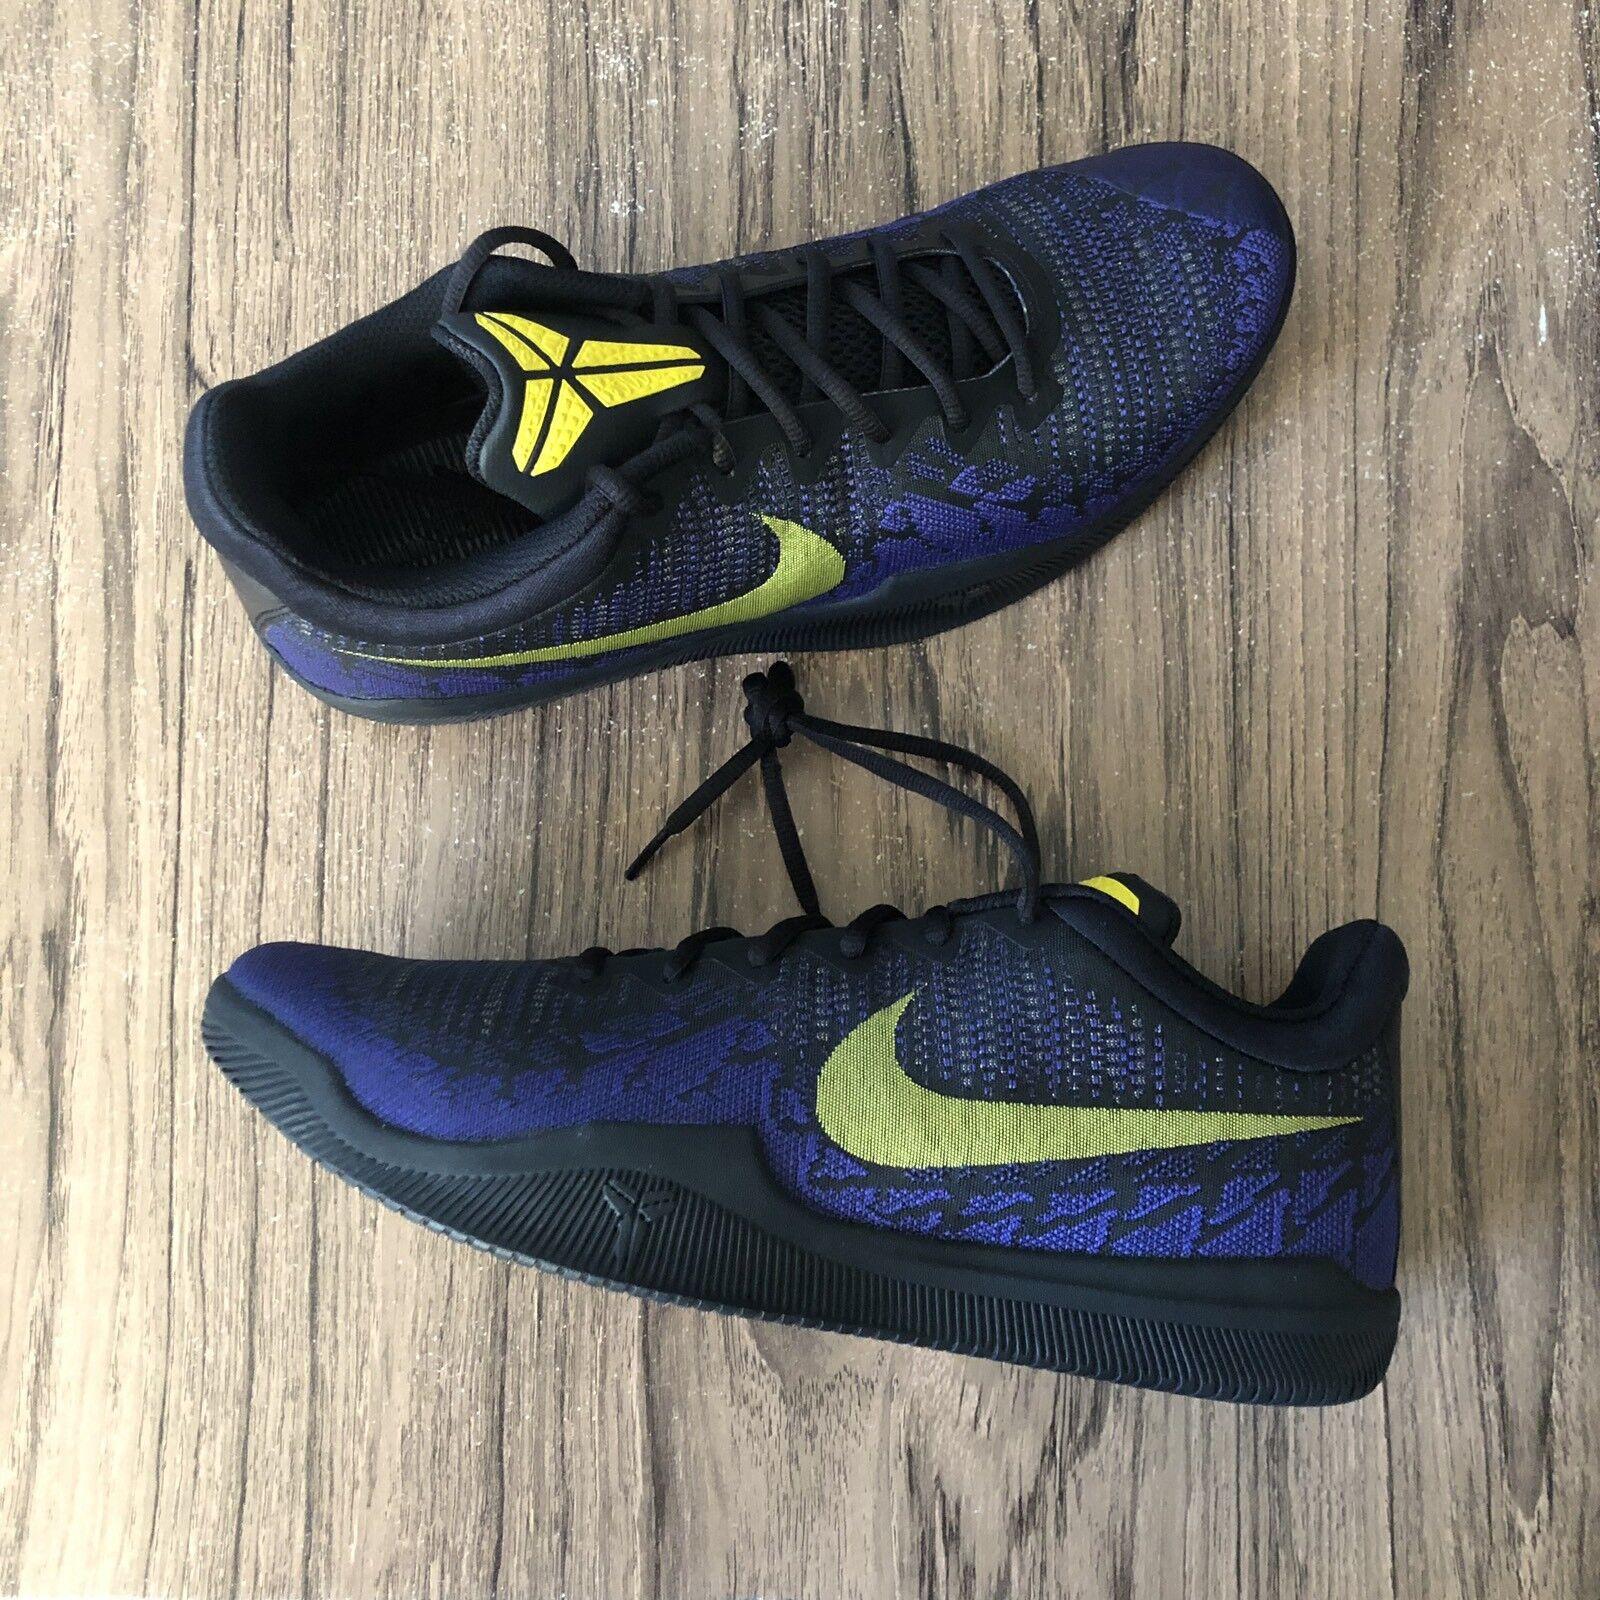 A1151G Nike Kobe Mamba Rage 908972-024 Mens Basketball shoes Size 8.5 NEW